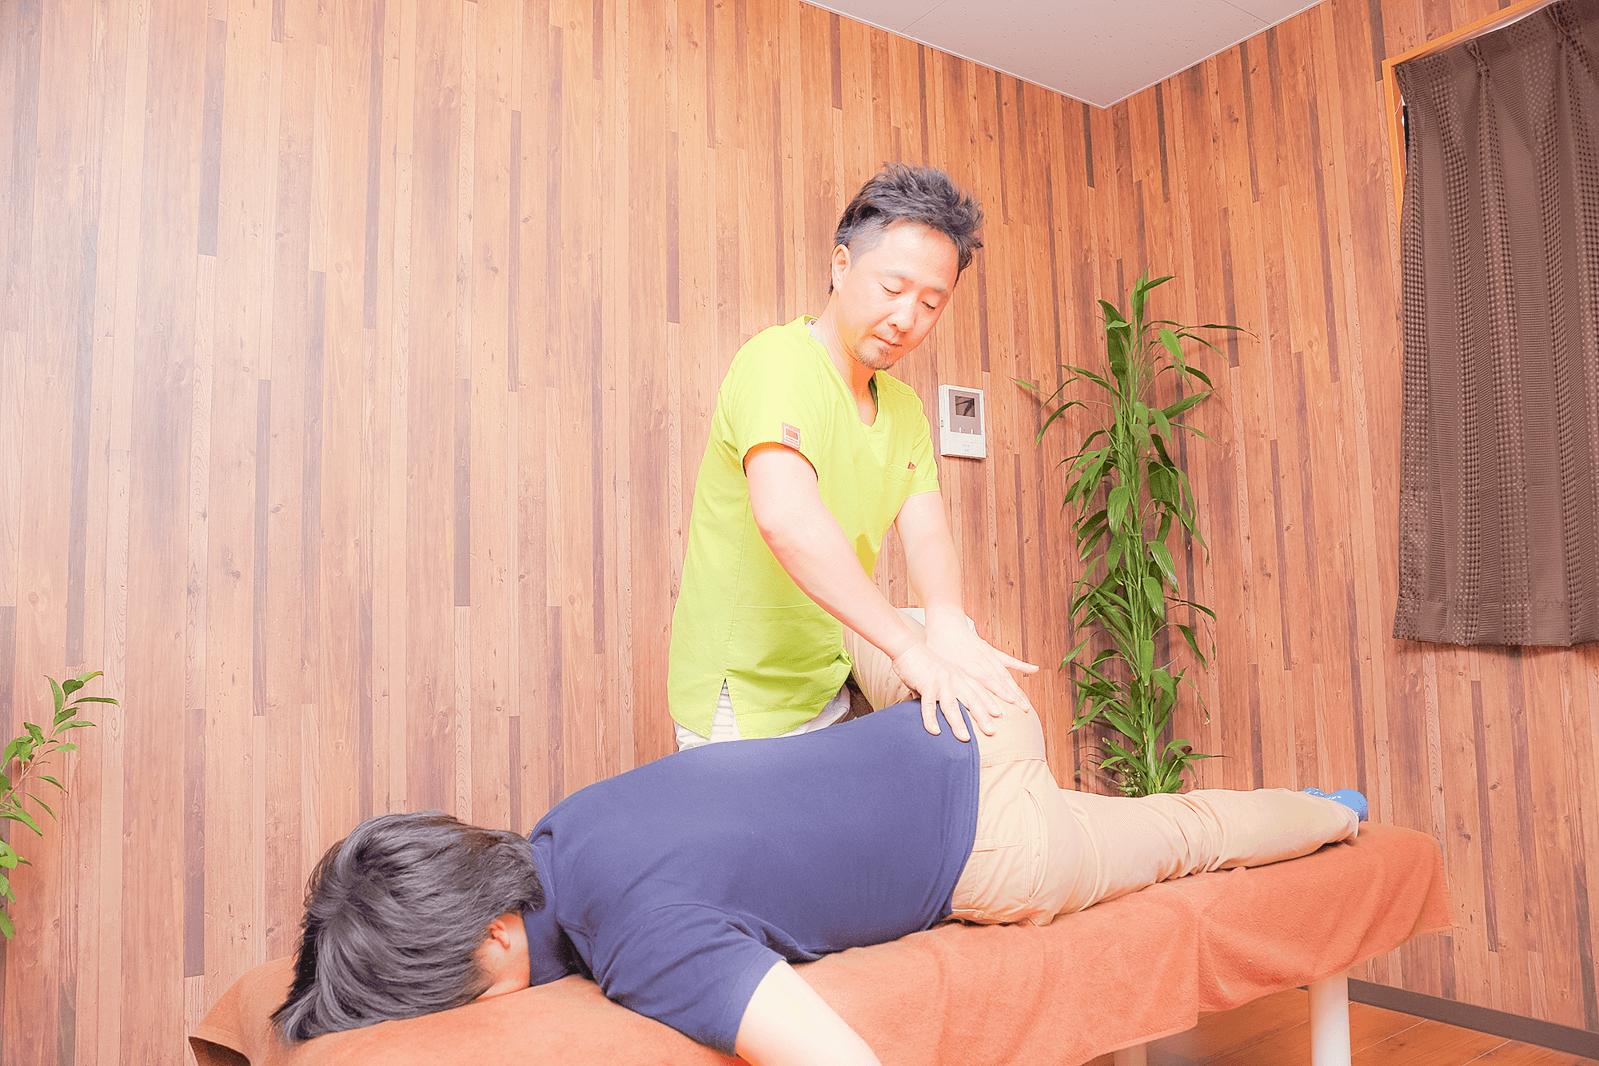 肩こり、脱臼、骨折、挫傷、ぎっくり腰など 様々な痛みの治療 | 川口市南鳩ヶ谷の整骨院 はた整骨院